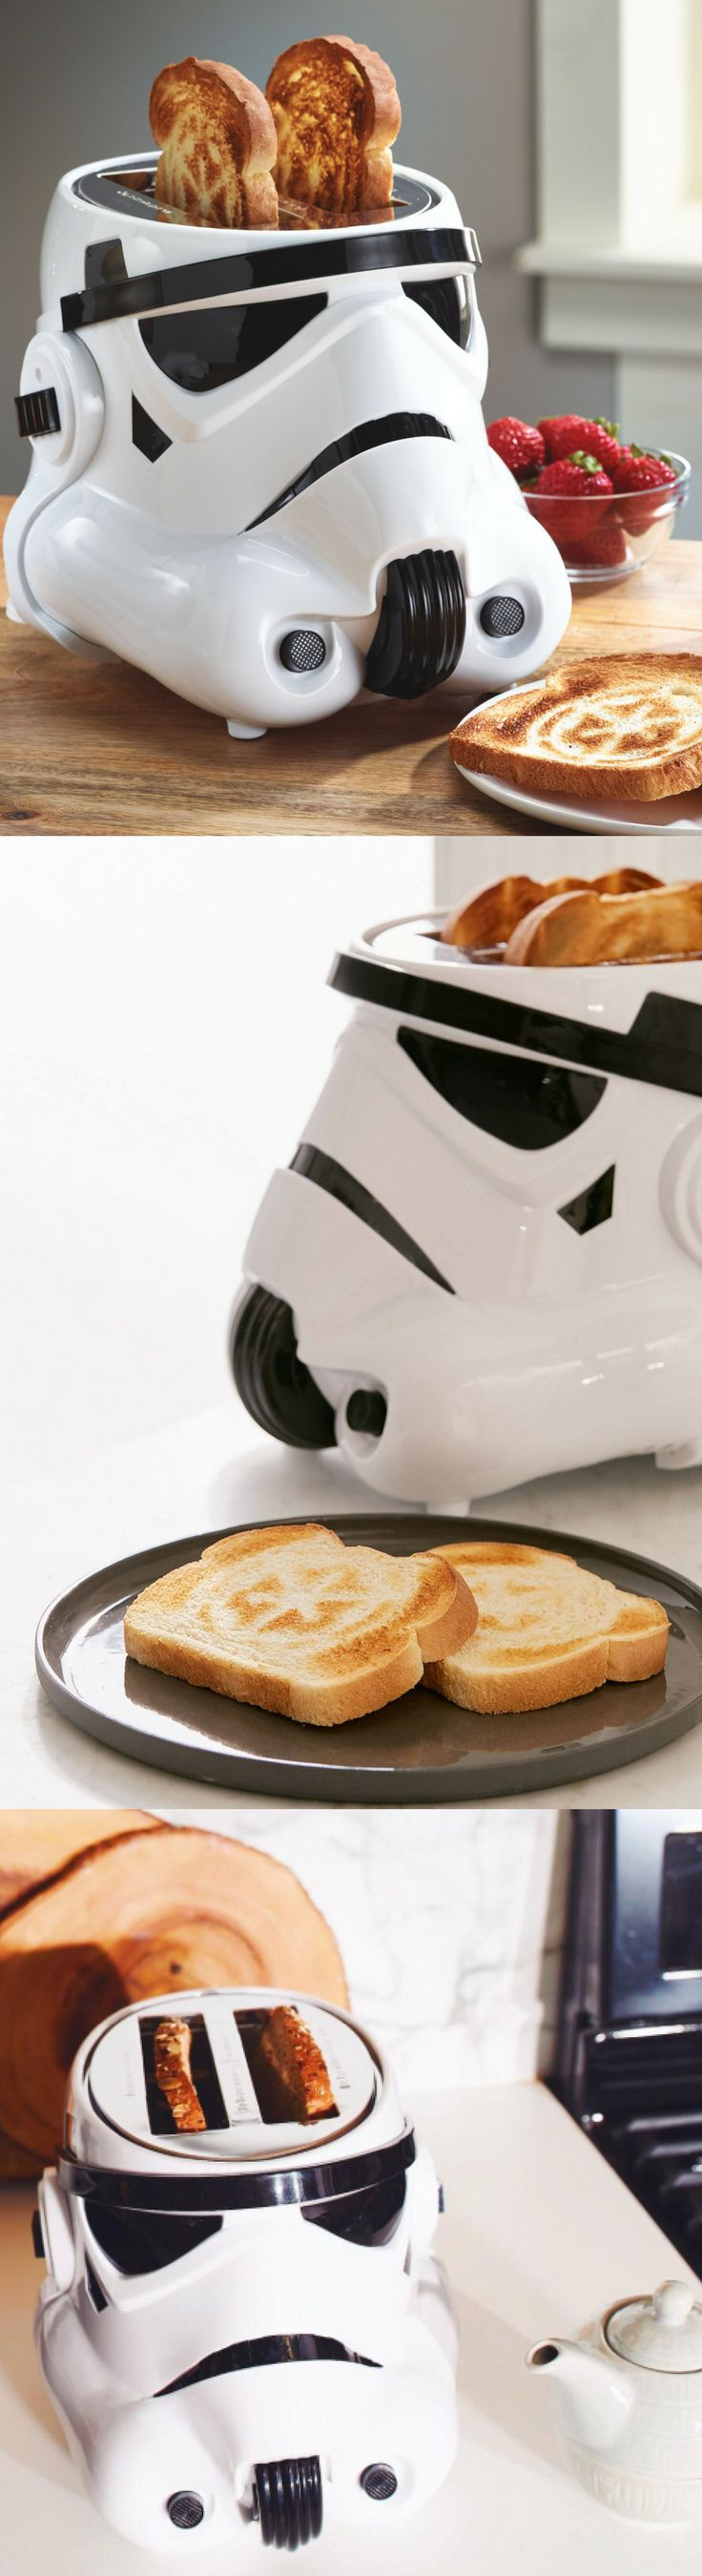 Star Wars Stormtrooper Toaster - #starwars #toaster #kitchen #home